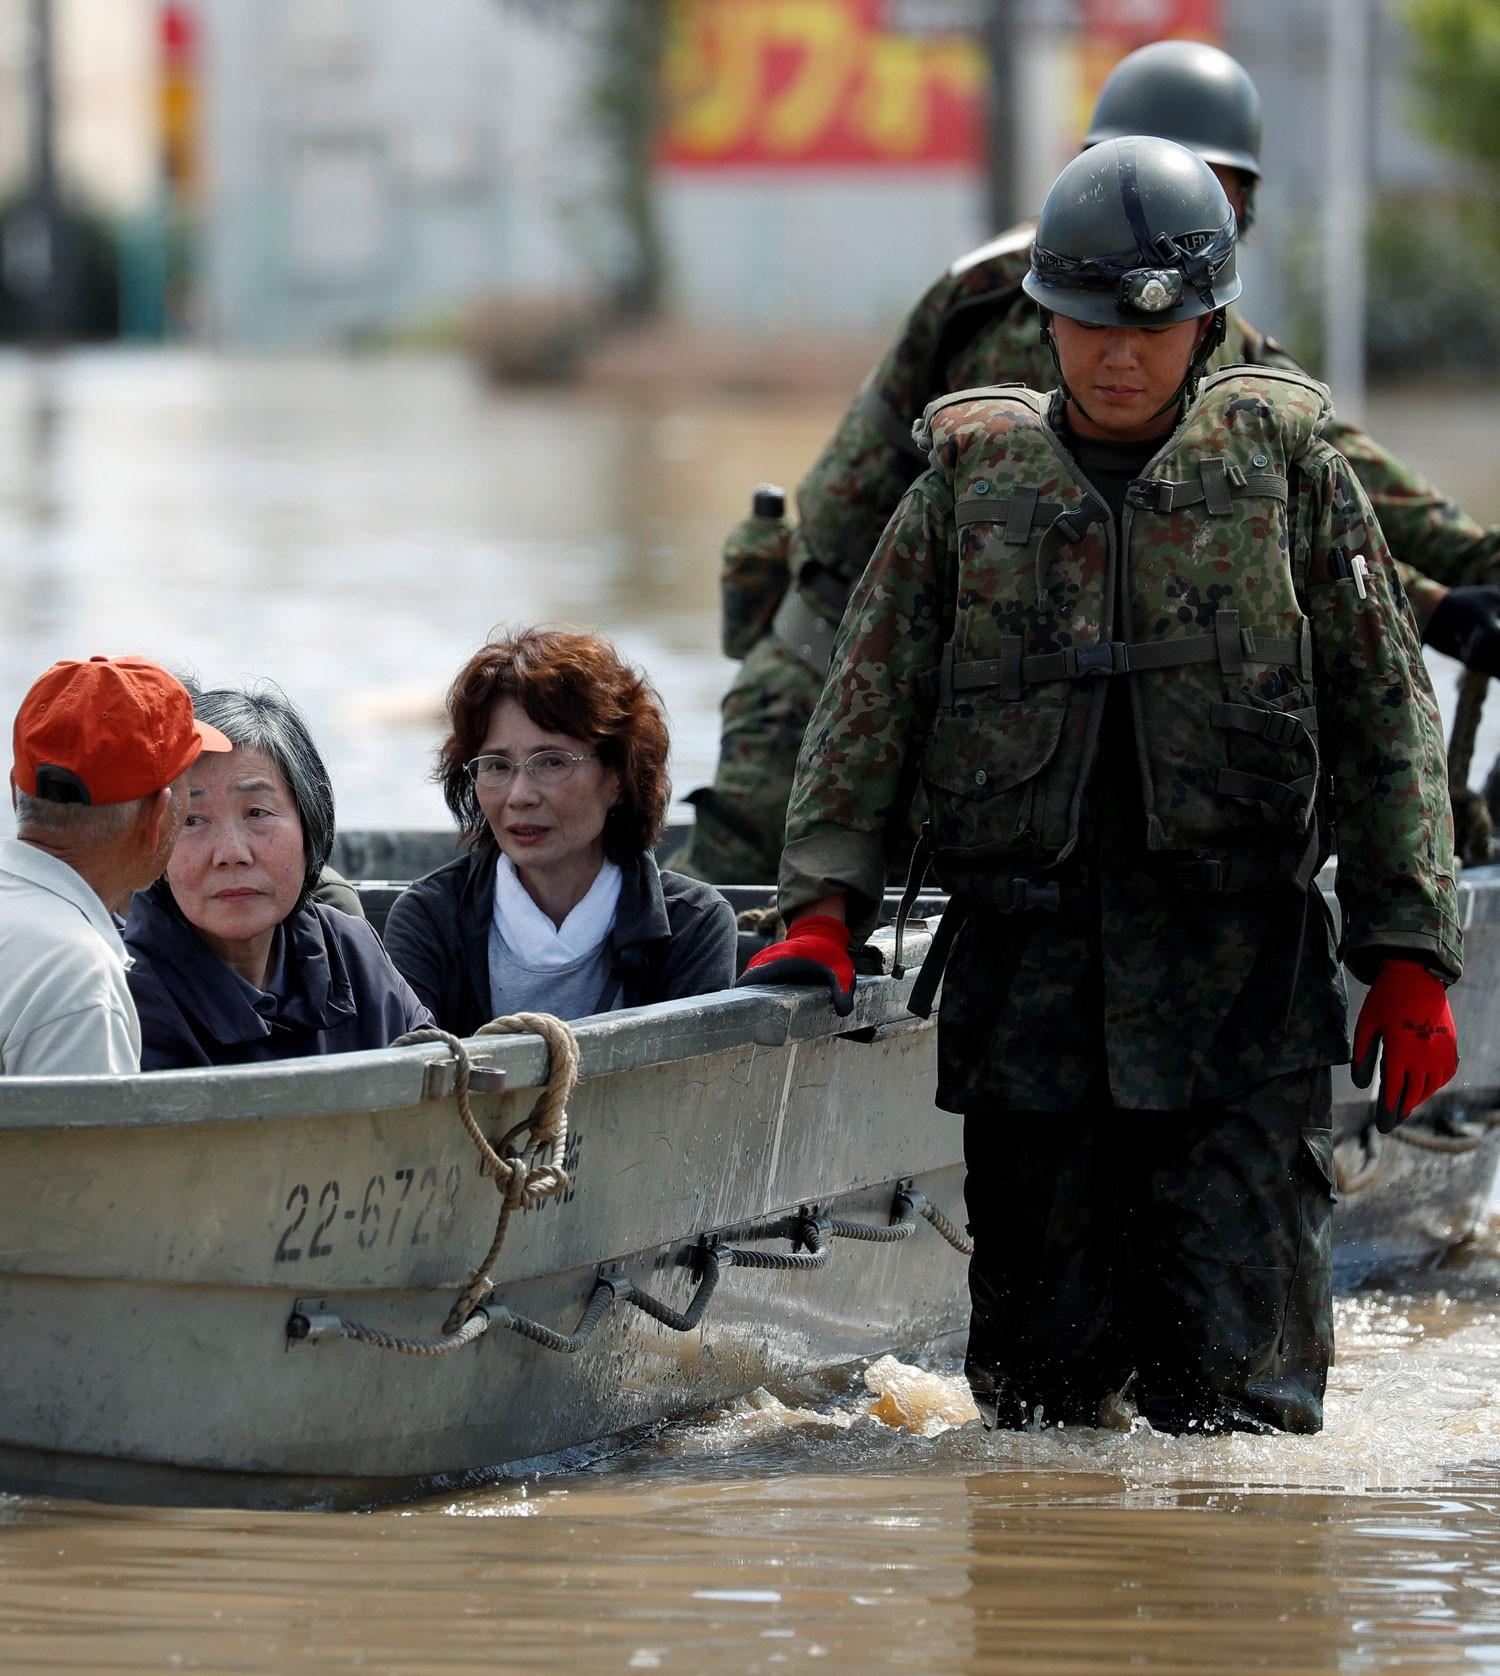 فيضانات اليابان.. 141 قتيلاً بأسوأ كارثة منذ أعوام